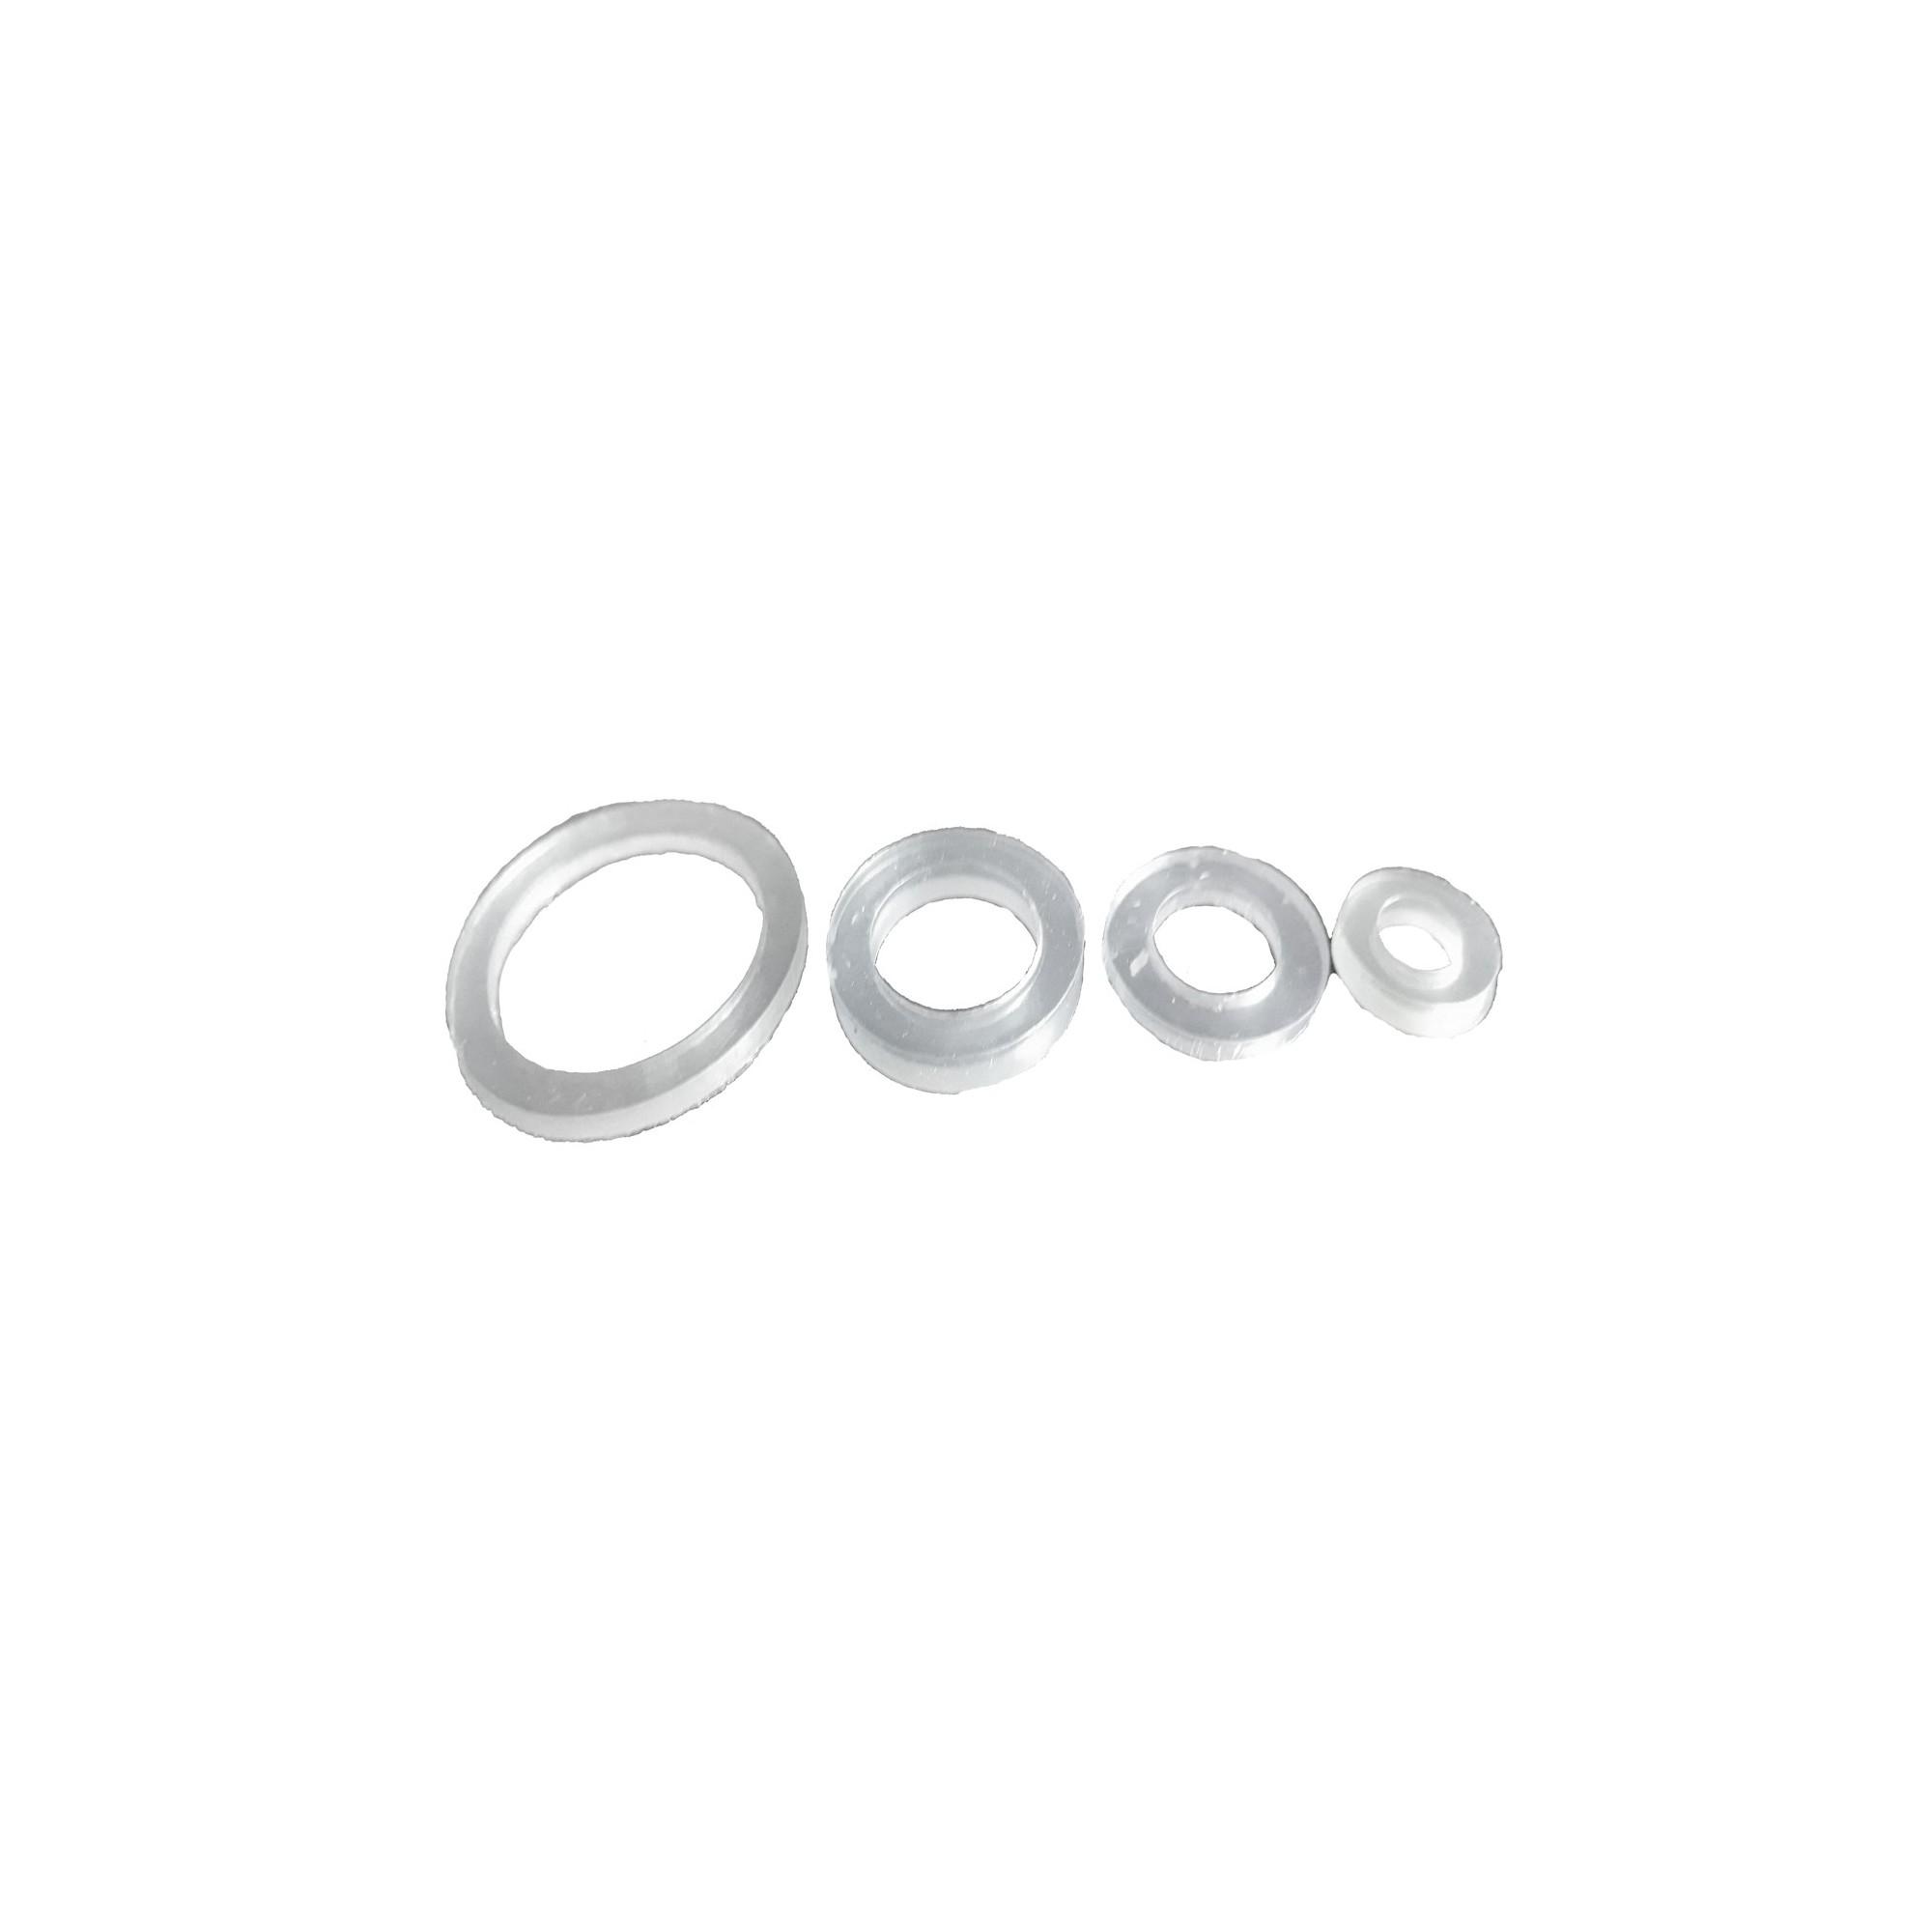 Упаковка силиконовых прокладок 100 шт 1/2 тонкий ПВХ J.G. - 1